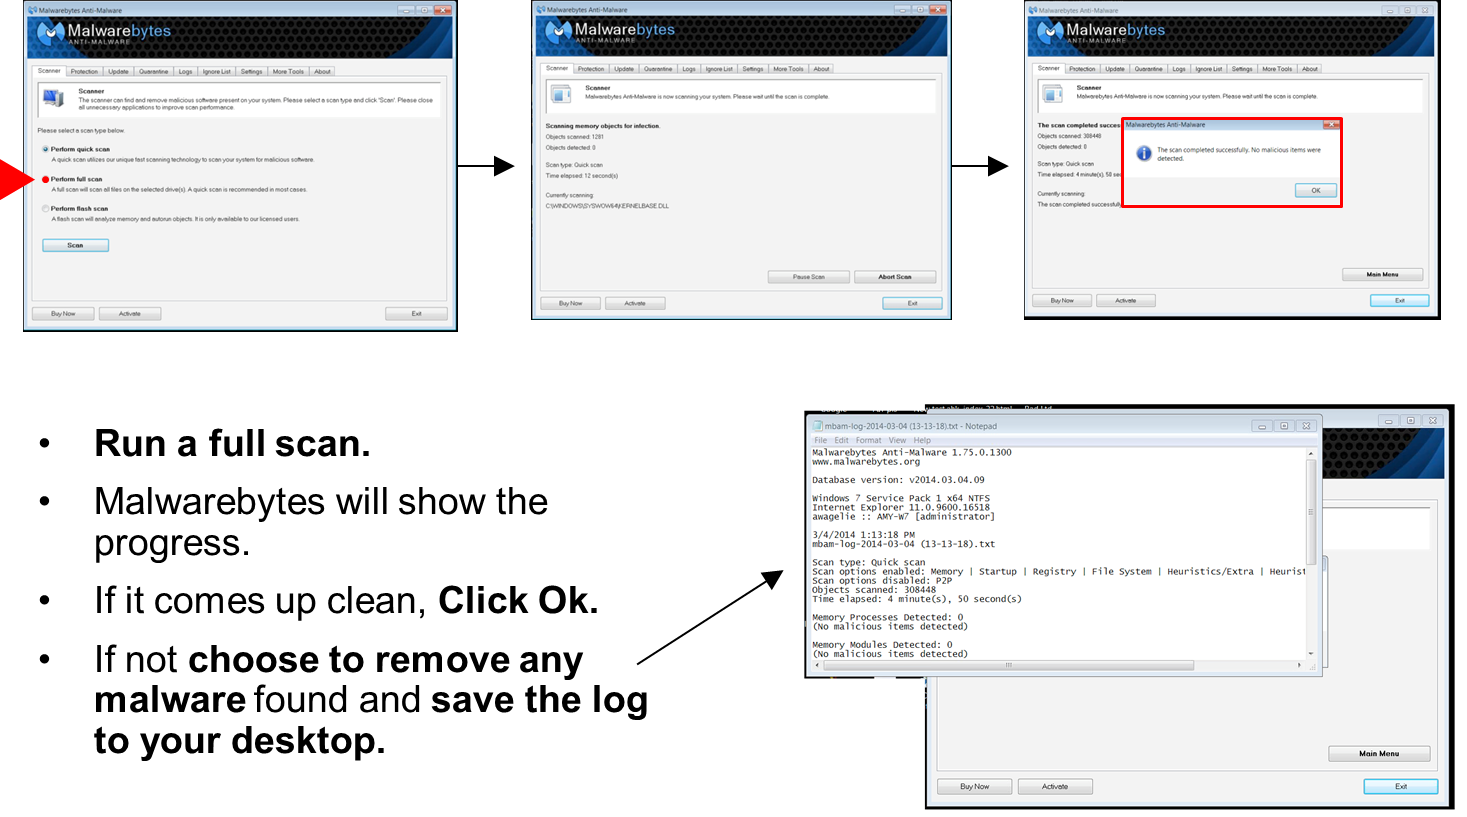 malwarebytes2.png